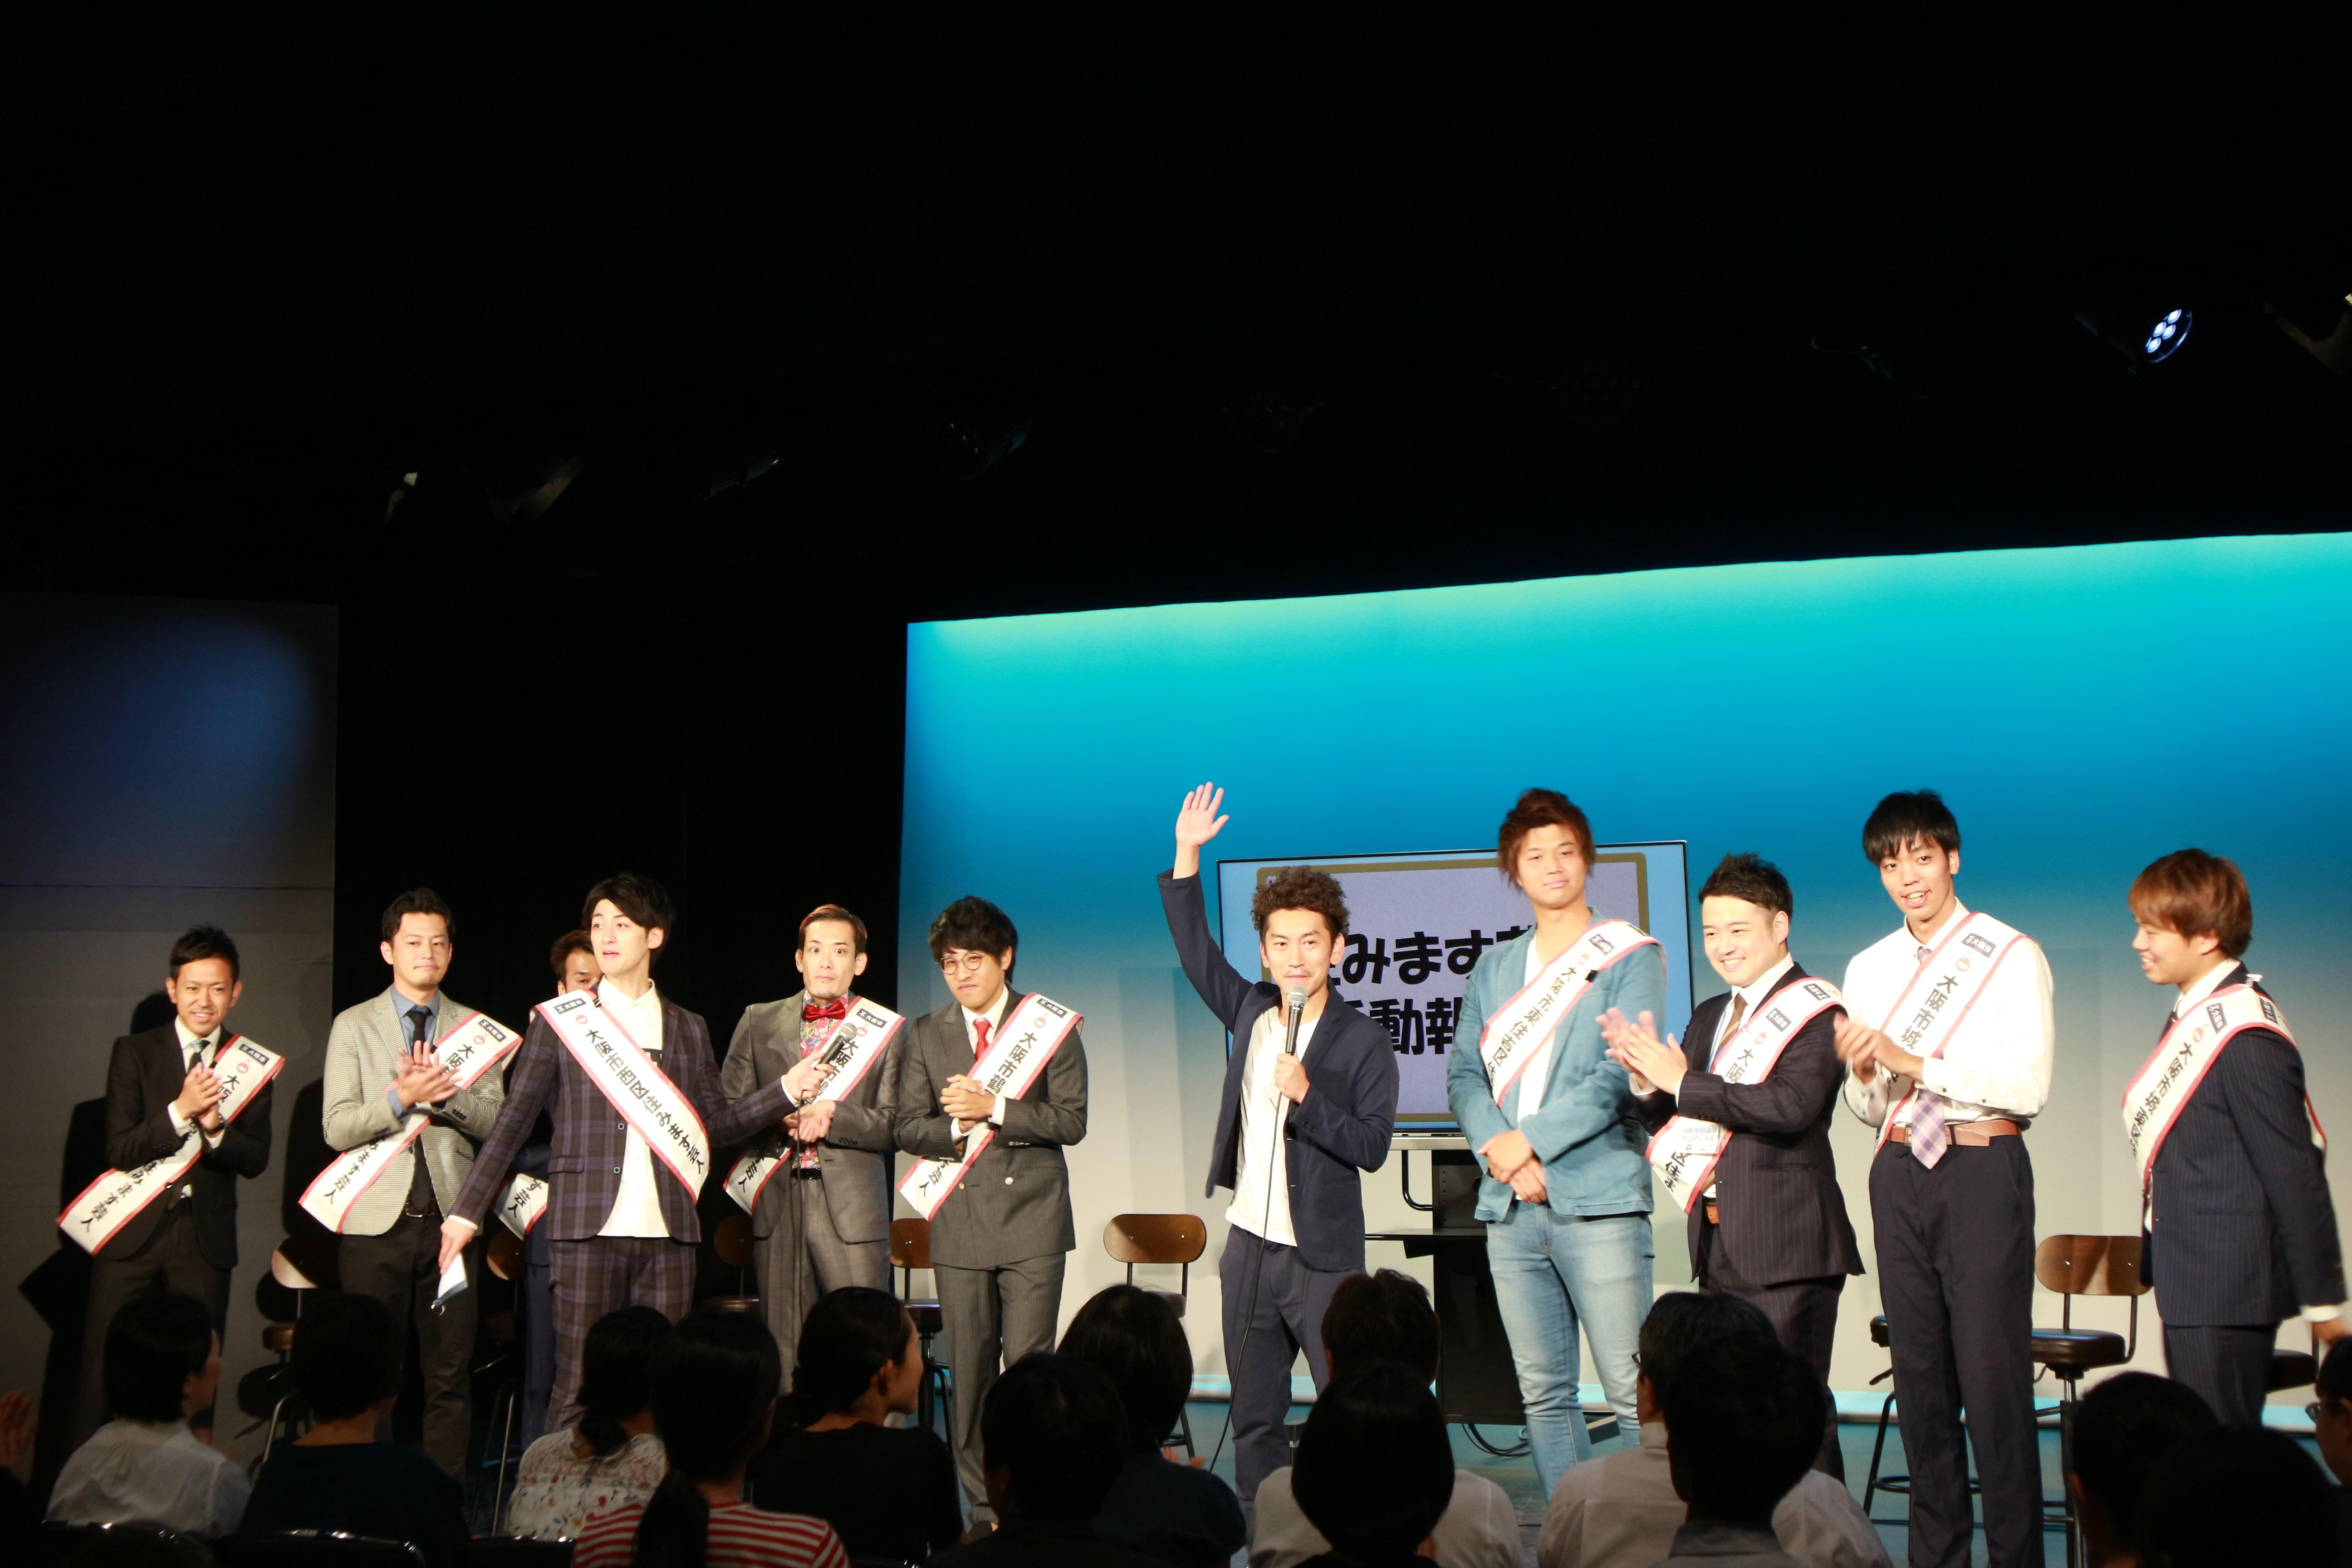 http://news.yoshimoto.co.jp/20180808173428-55404d6e24fb0b68c5a95cb1d21280757ab9b639.jpg